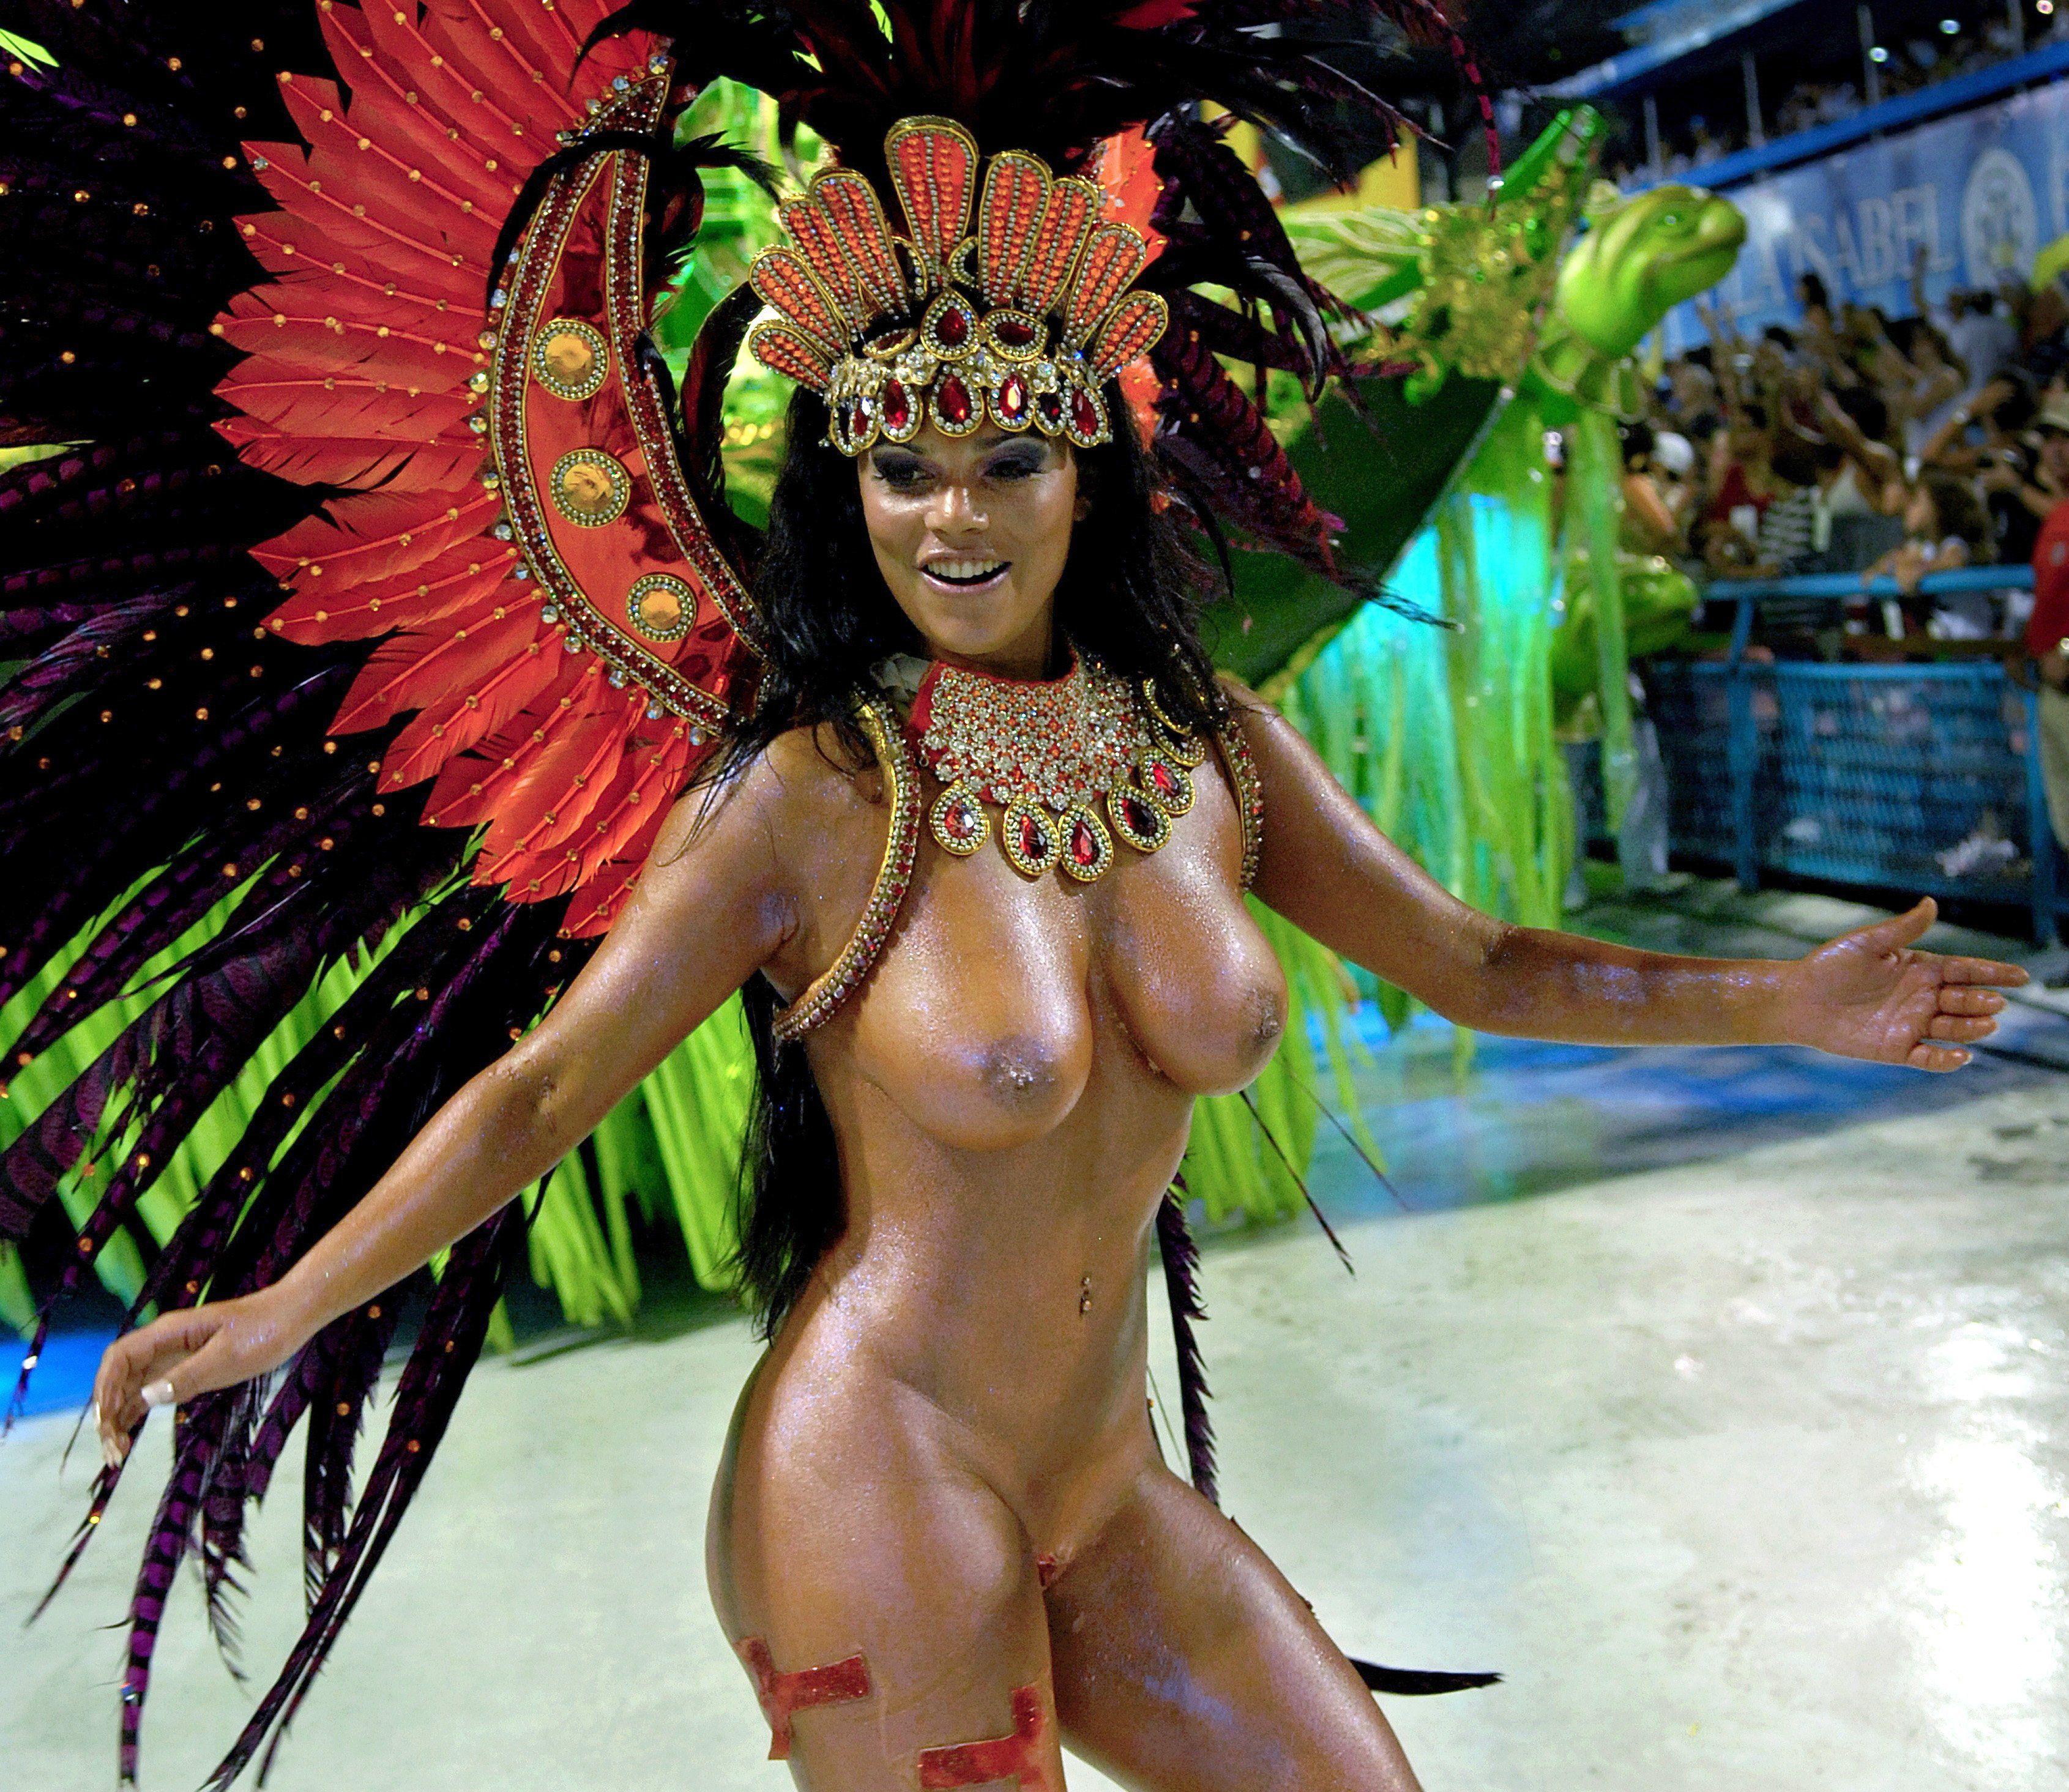 муз эротические бразилии заходите наш сайт